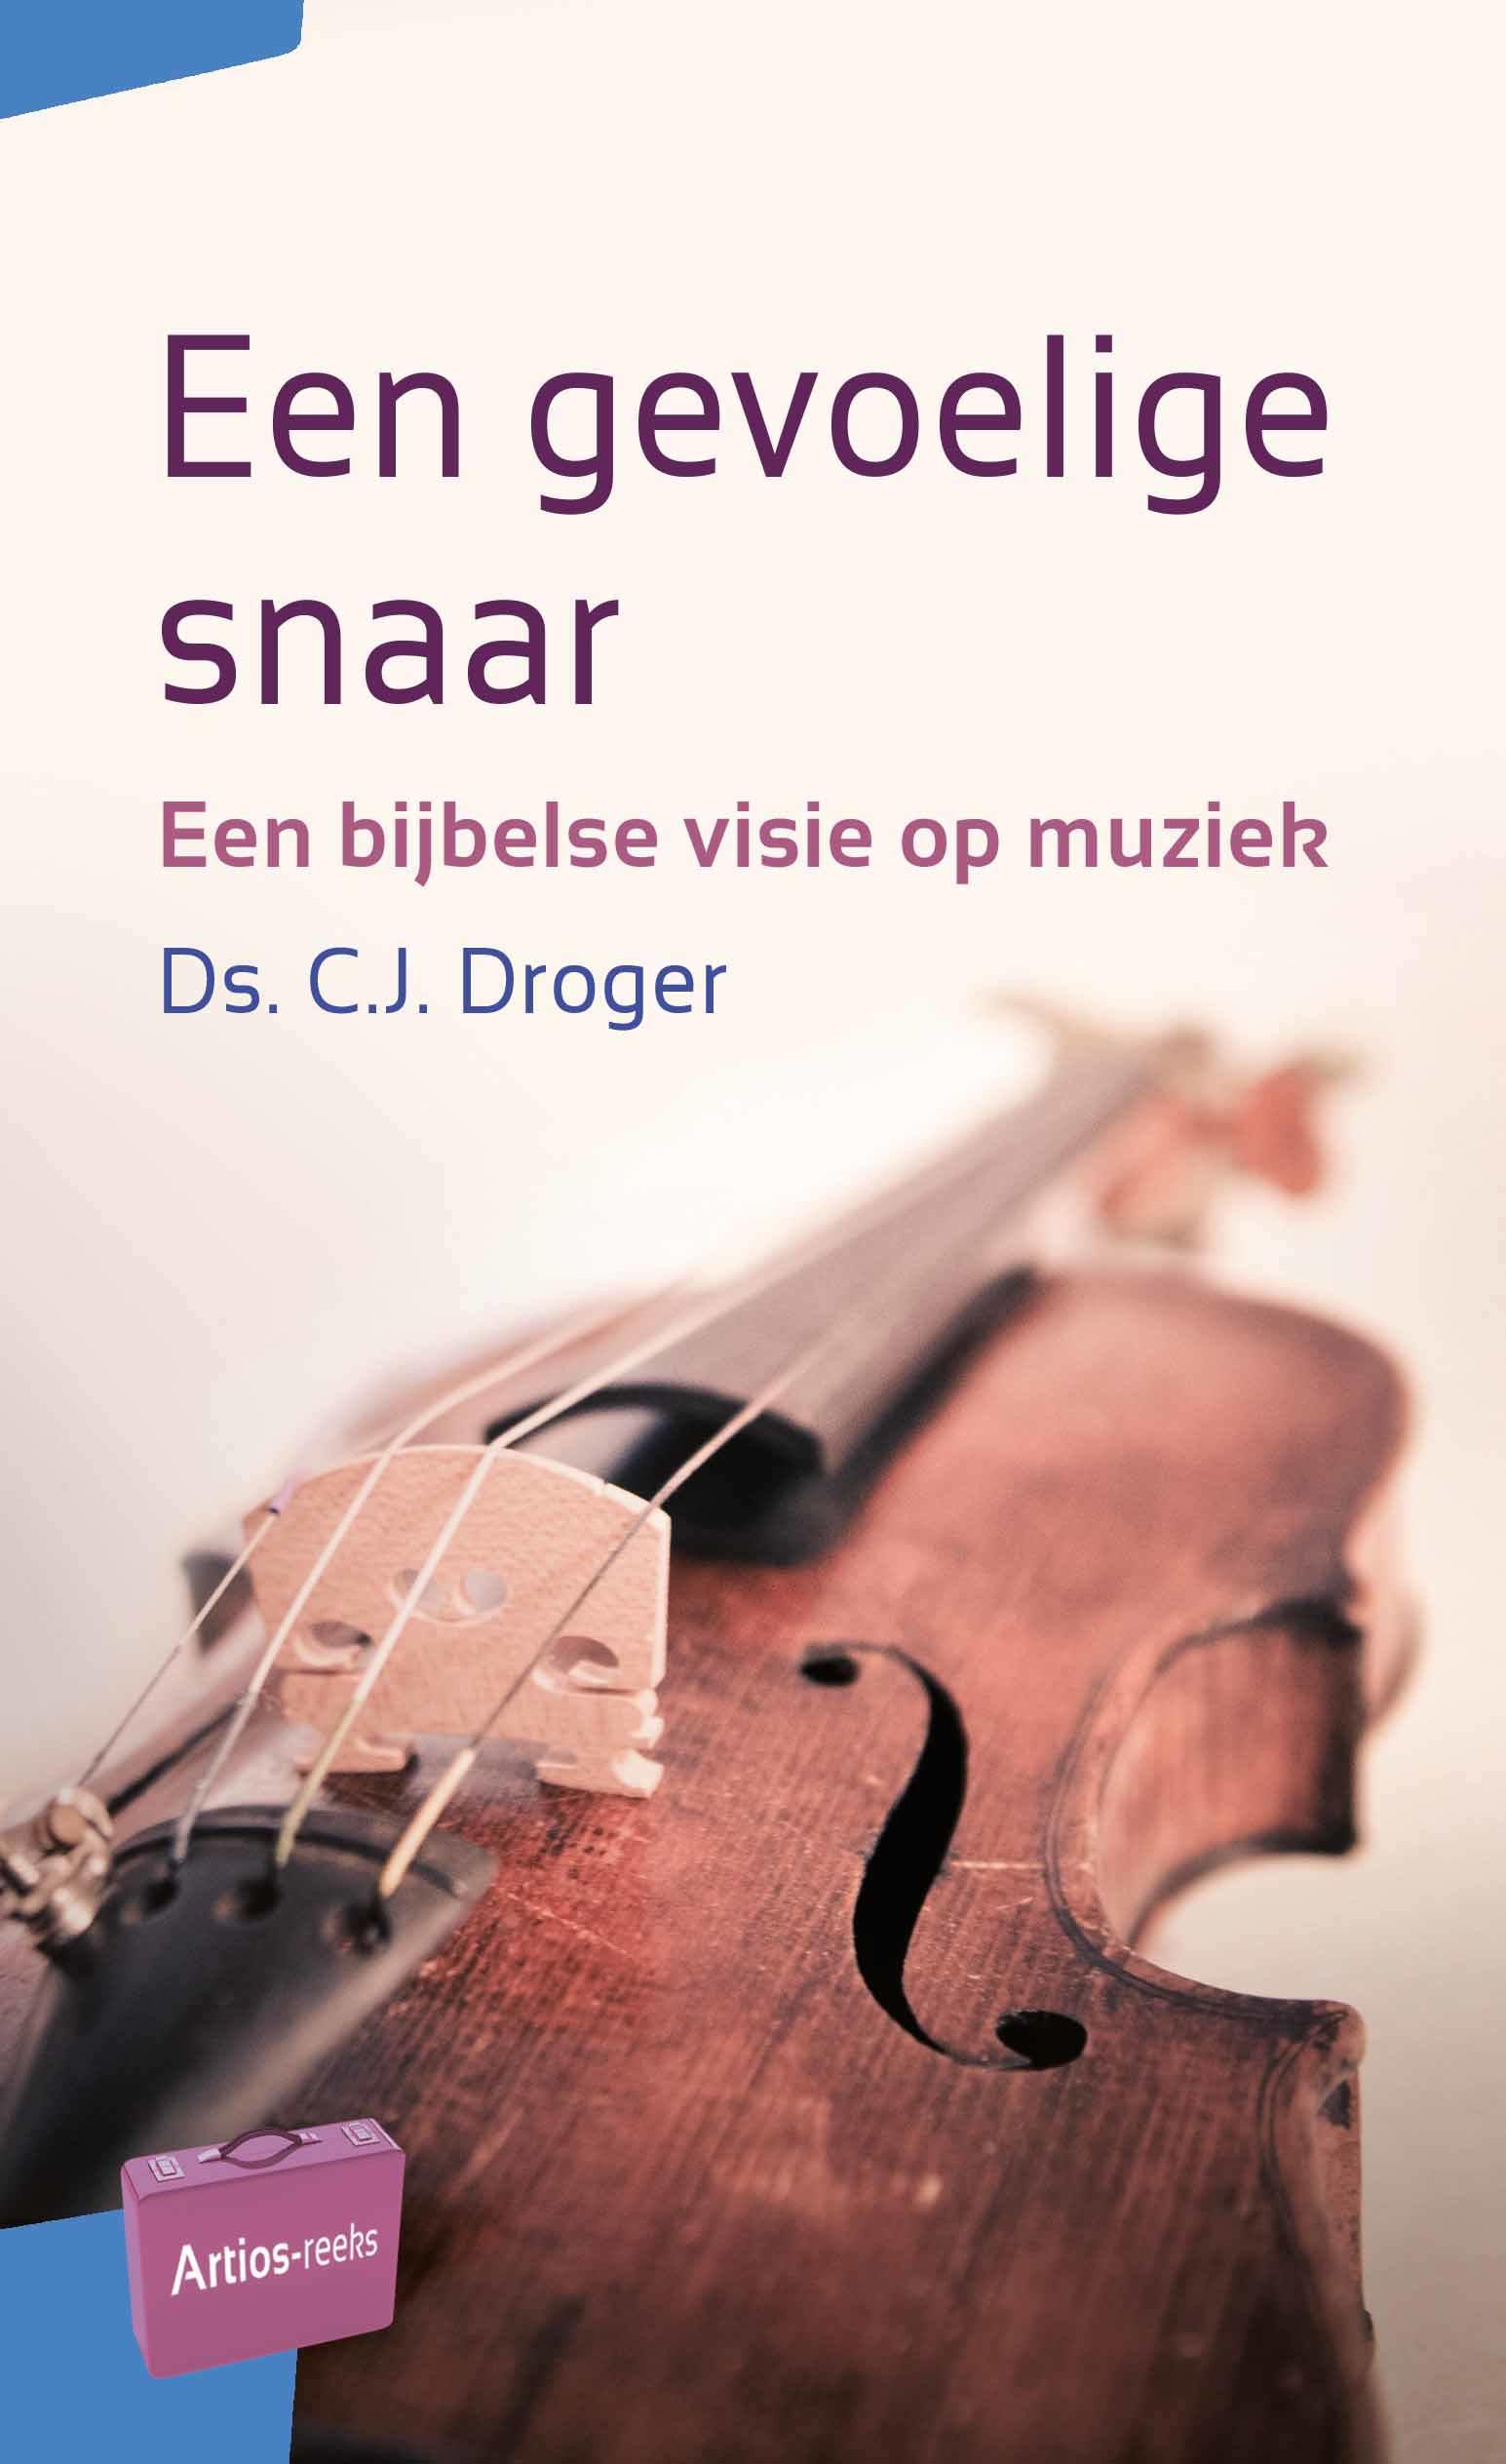 Ds. Droger geeft in dit boek een Bijbelse visie op muziek en gaat in op de vraag hoe we als christenen omgaan met muziek. Voorkant laat een viool zien.